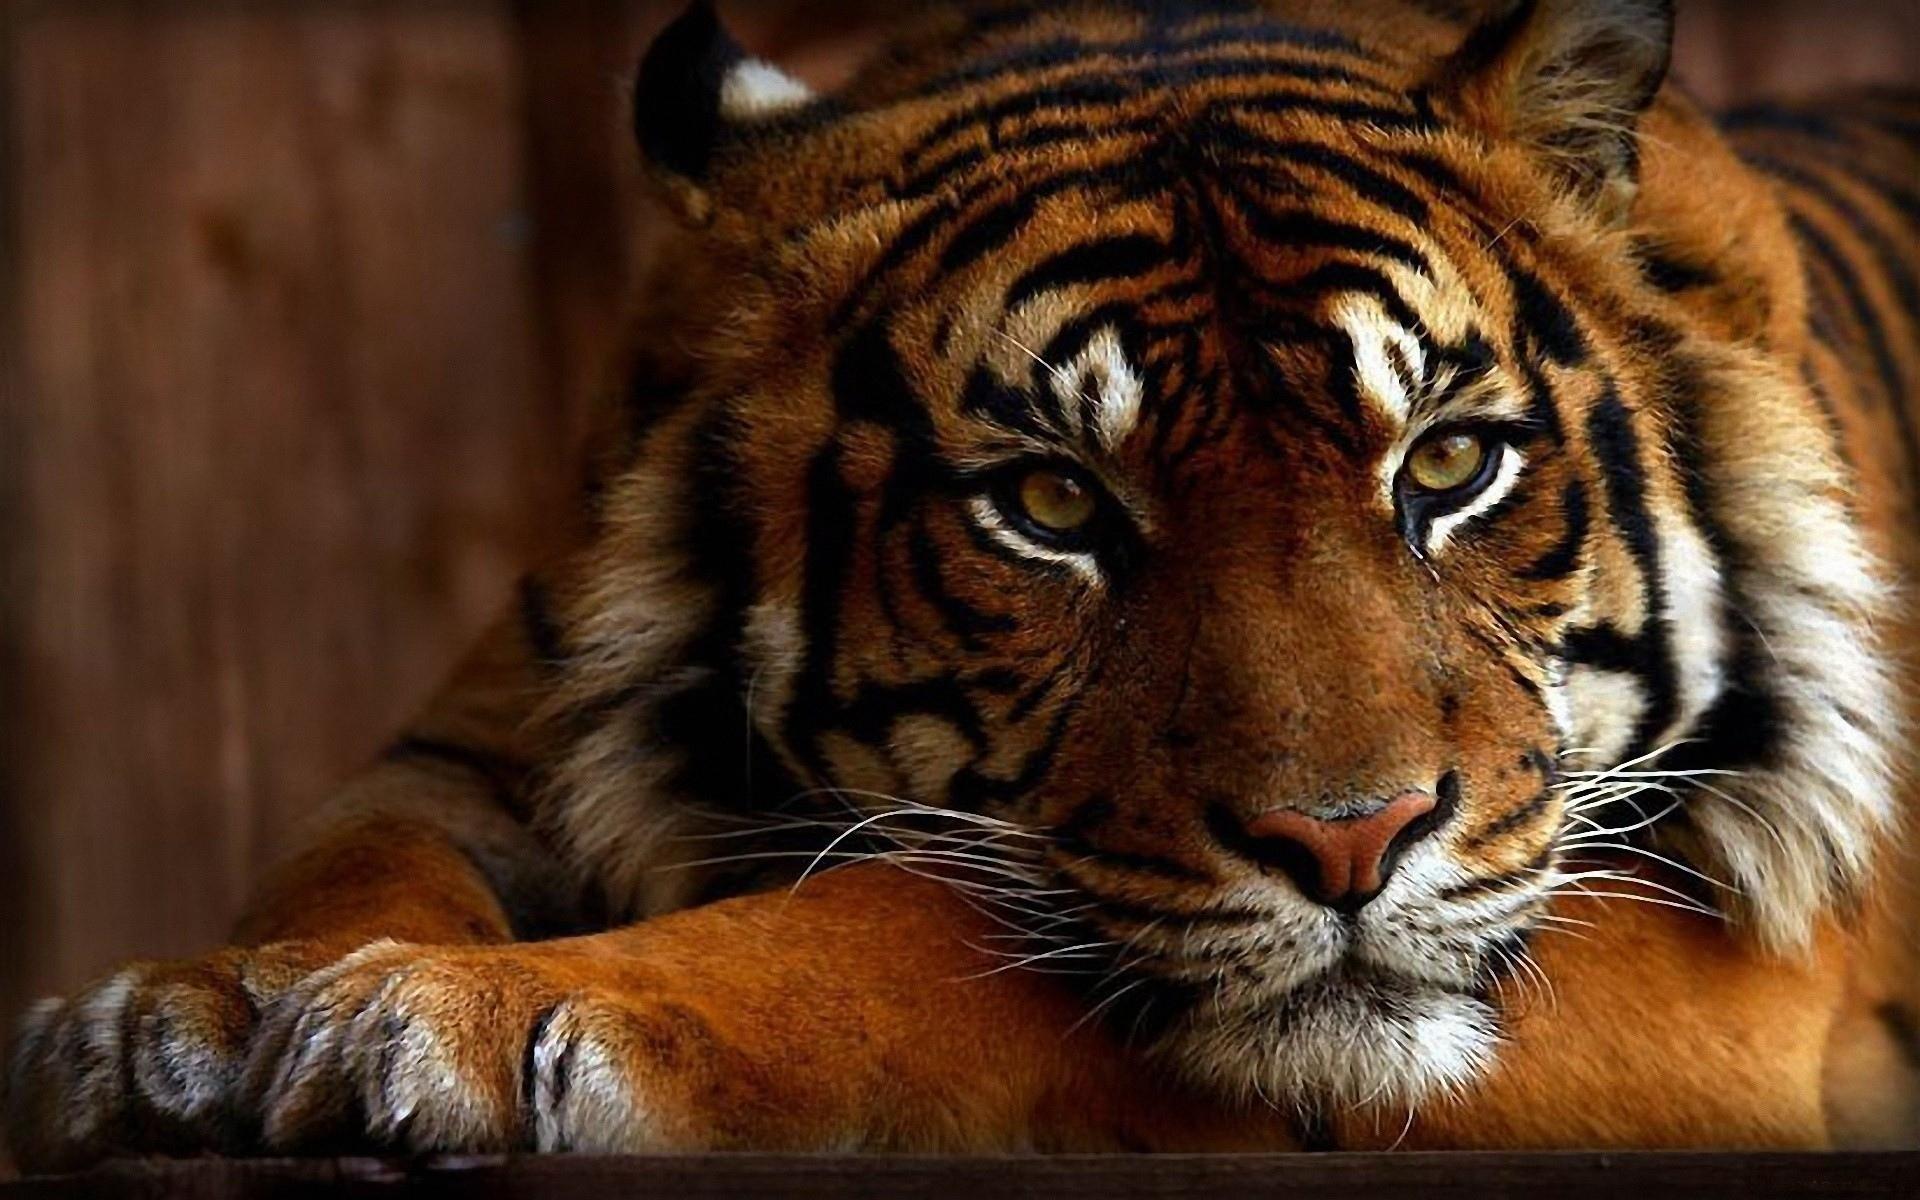 Top Wallpapers 2016: Tiger Wallpaper Hd, Superb Tiger HD Pics   LL